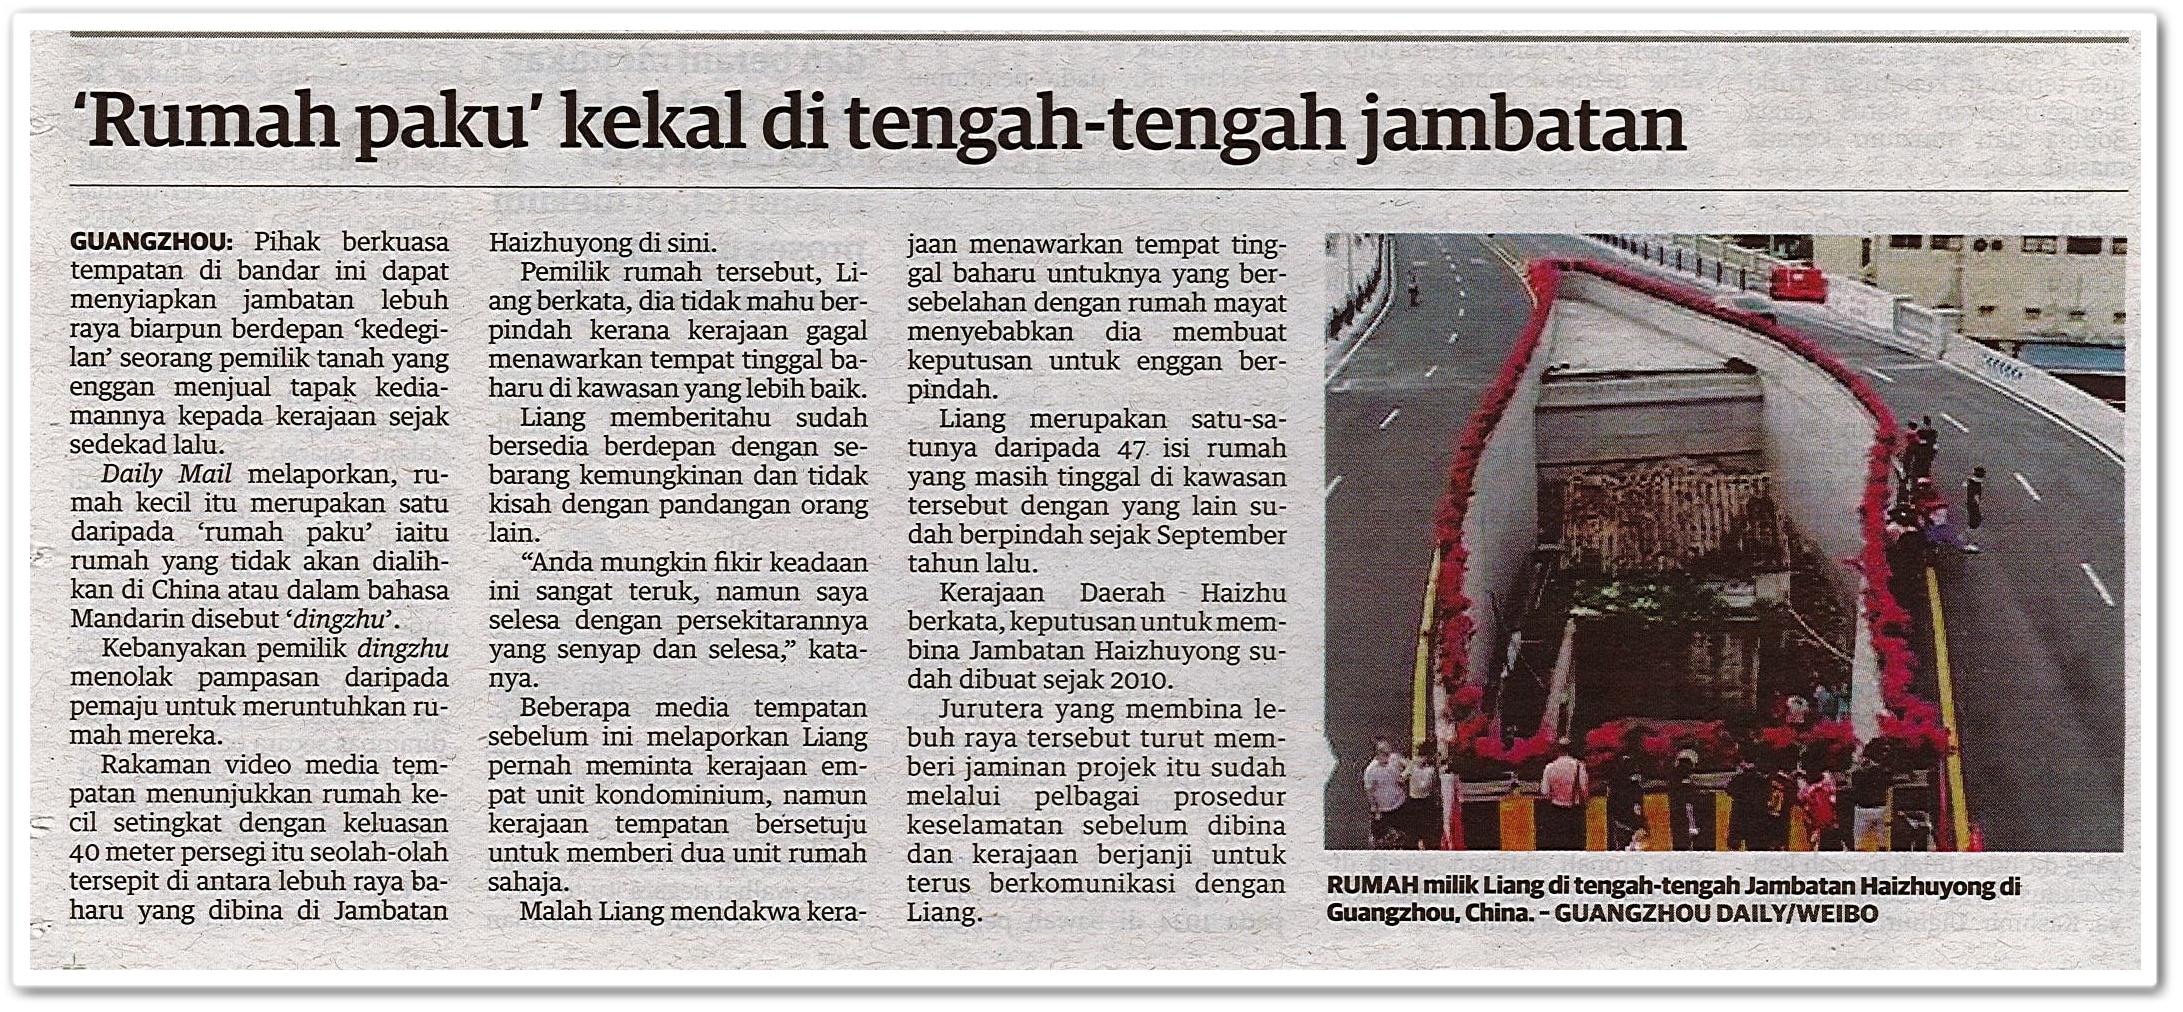 'Rumah paku' kekal di tengah-tengah jambatan - Keratan akhbar Utusan Malaysia 8 Ogos 2020